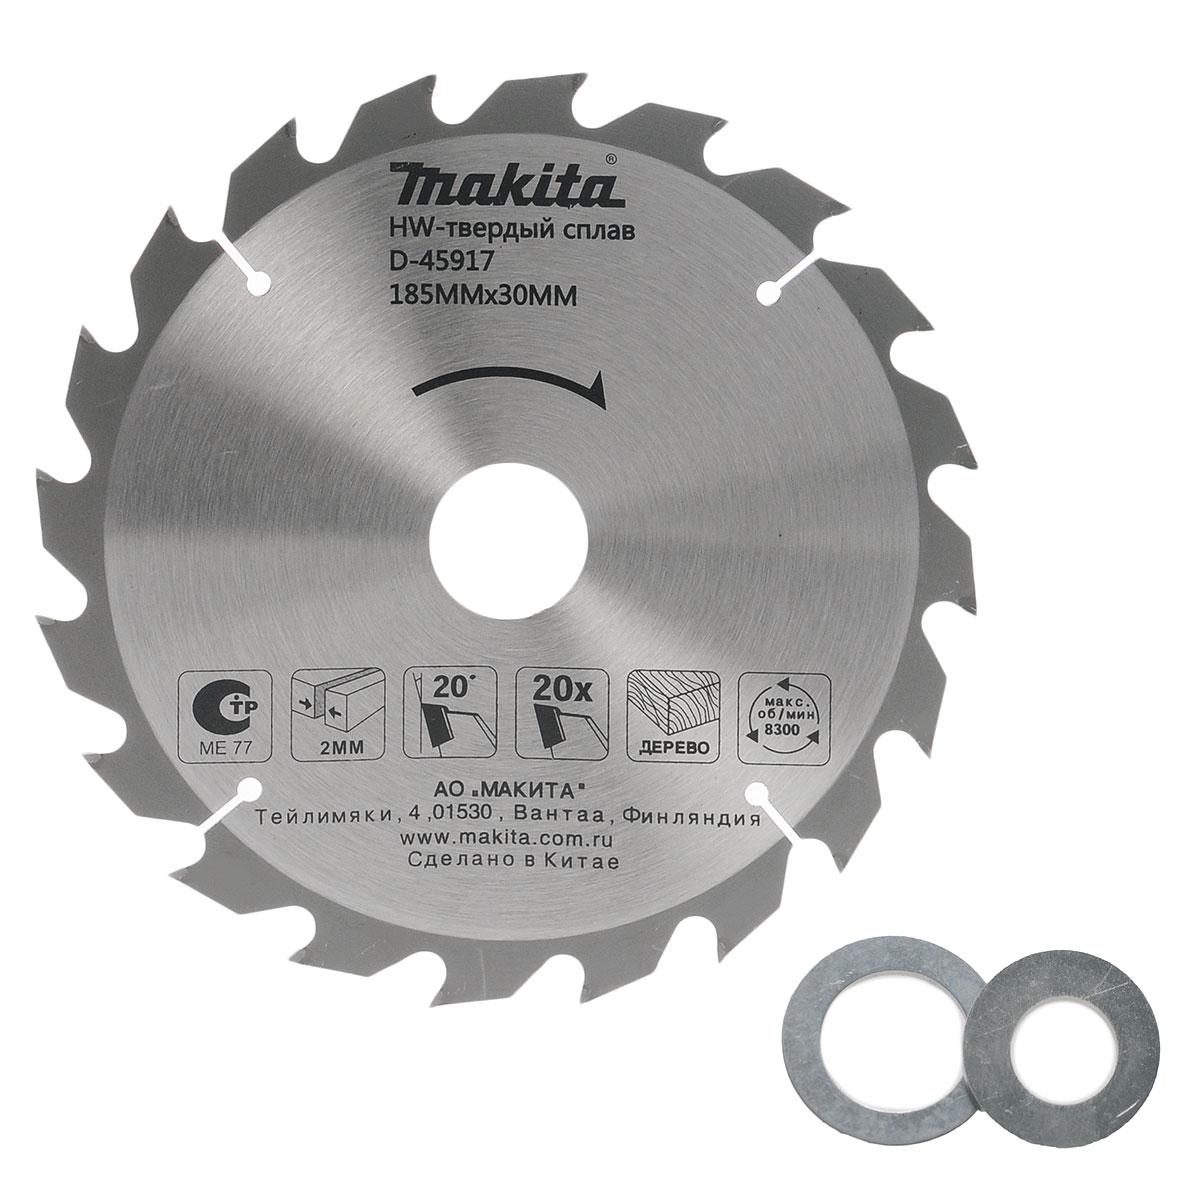 Диск пильный Makita D-45917, 185 мм